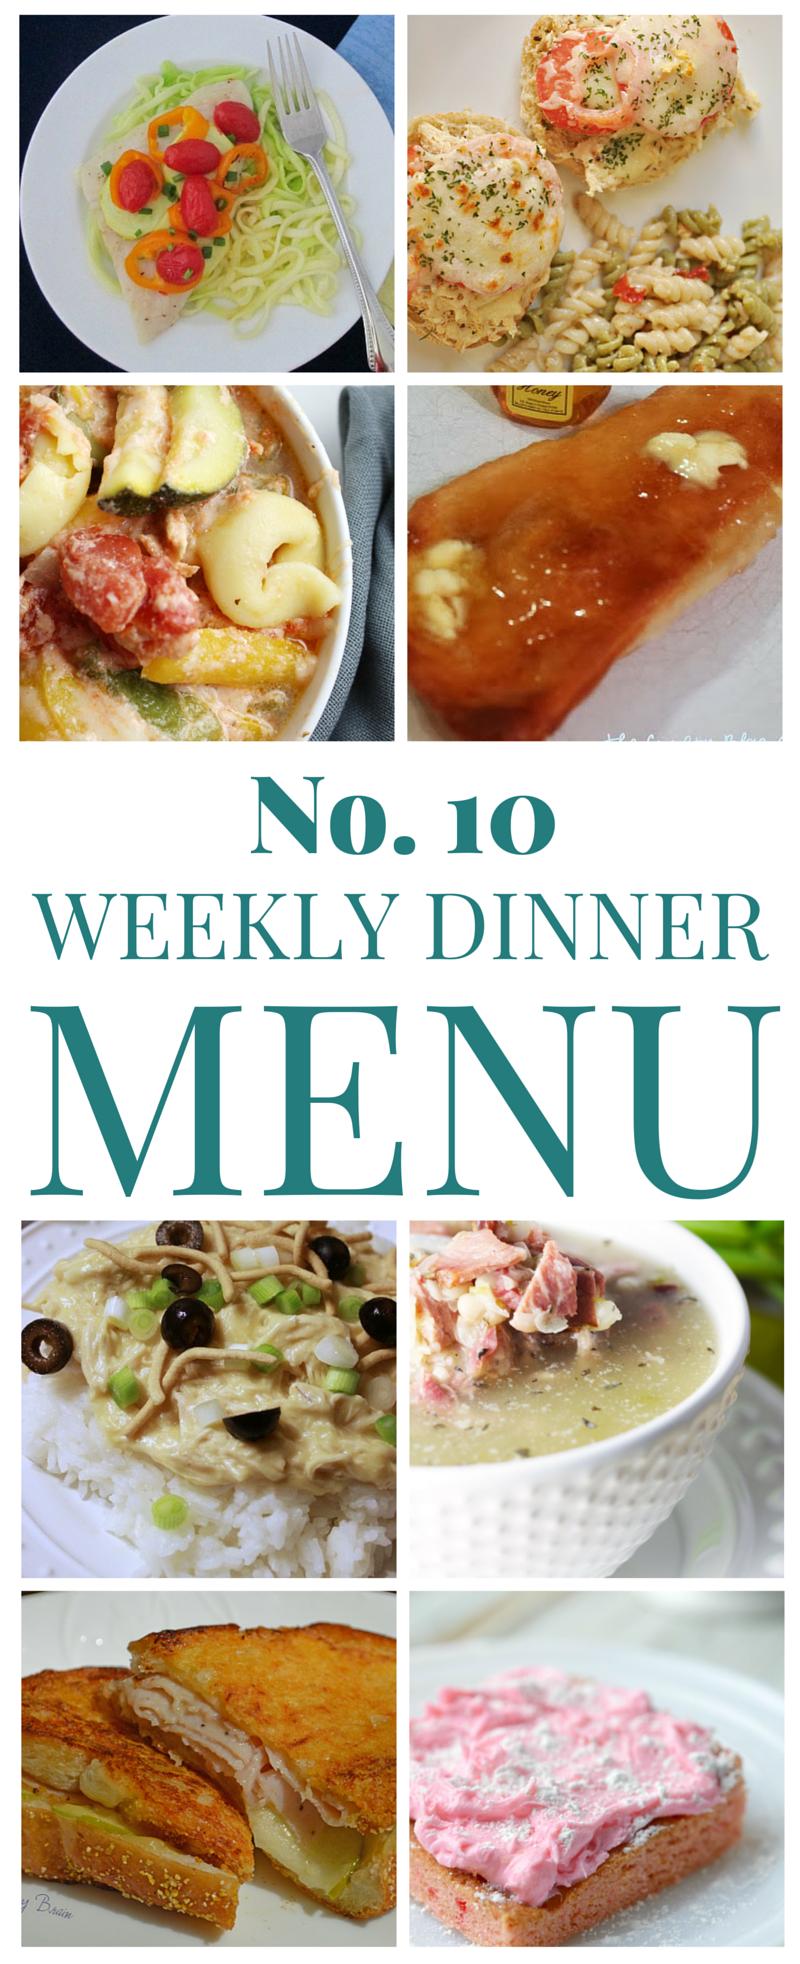 Weekly Dinner Menu 10